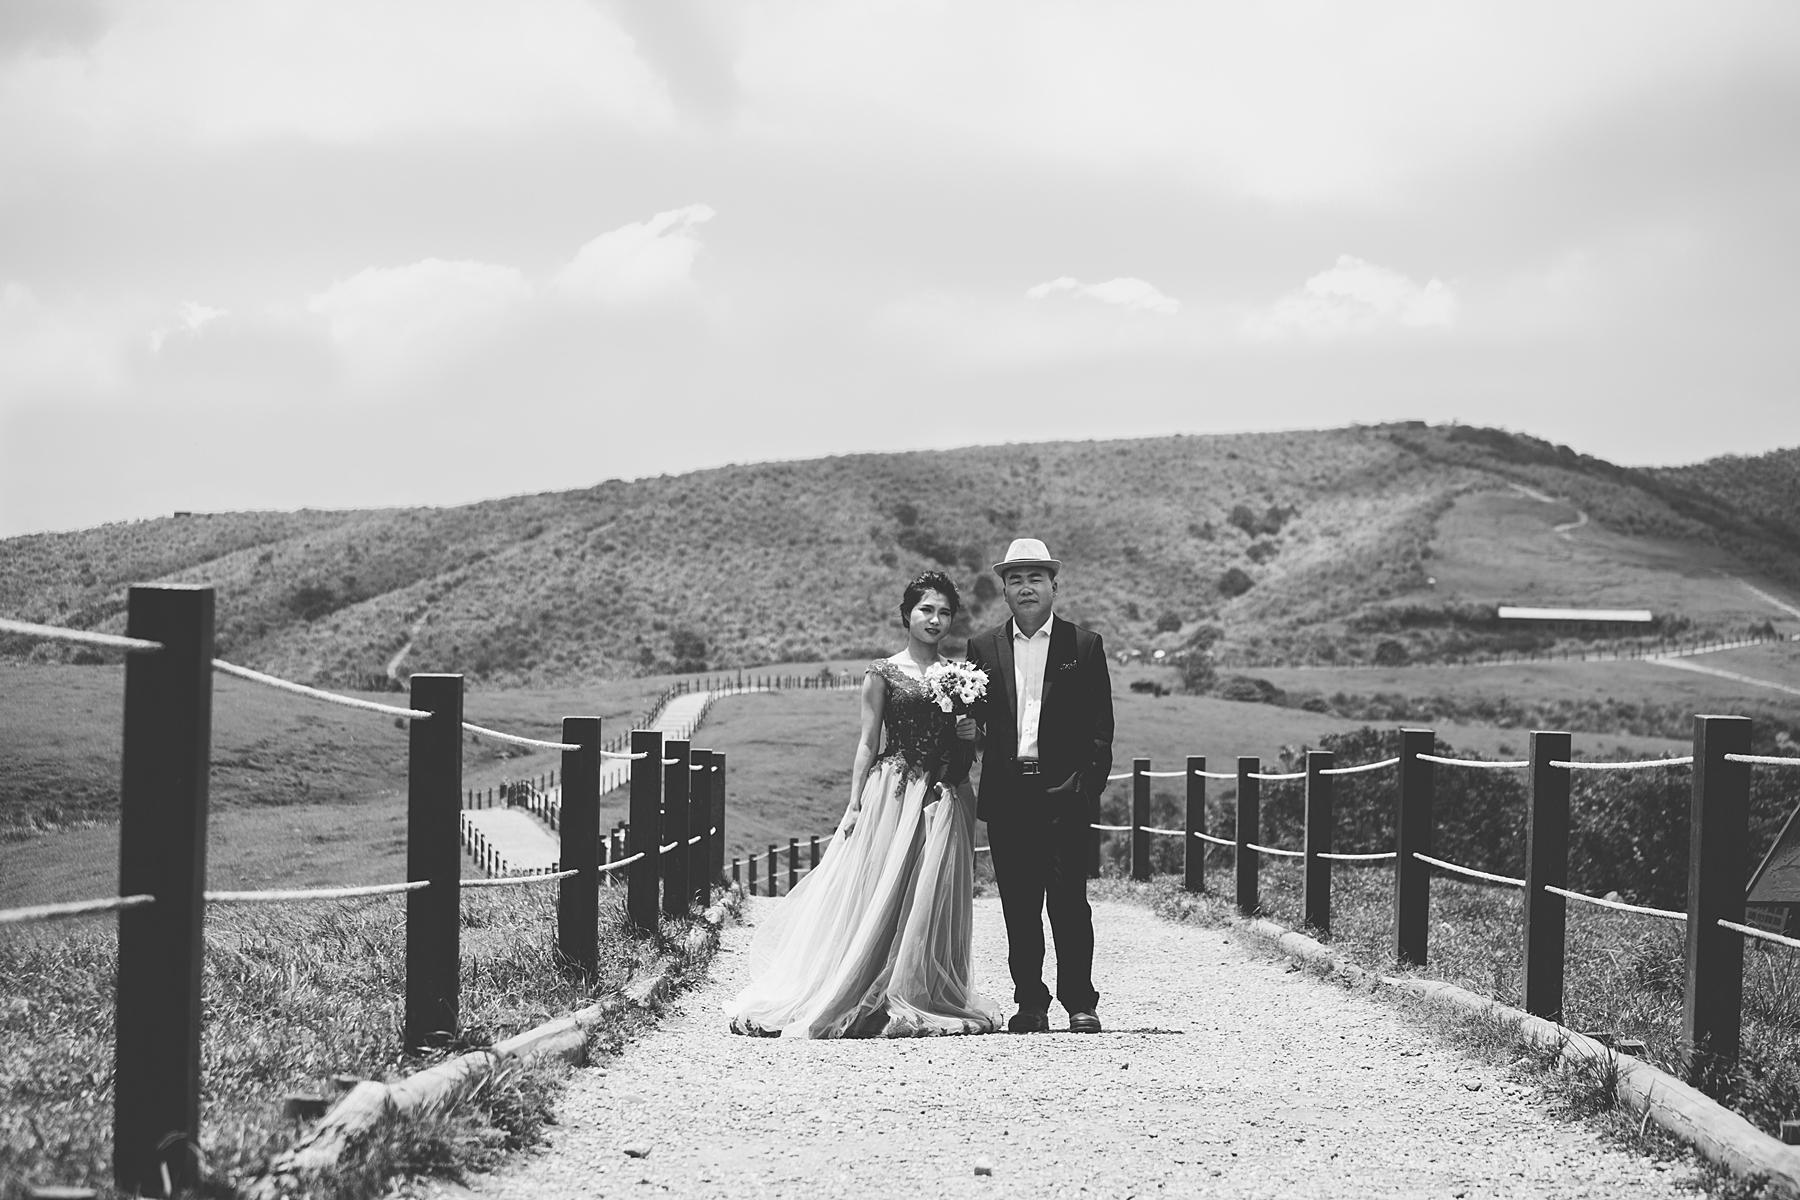 自助婚紗,婚紗攝影,自主婚紗,陽明山,擎天崗,淡水,底片風格,自然